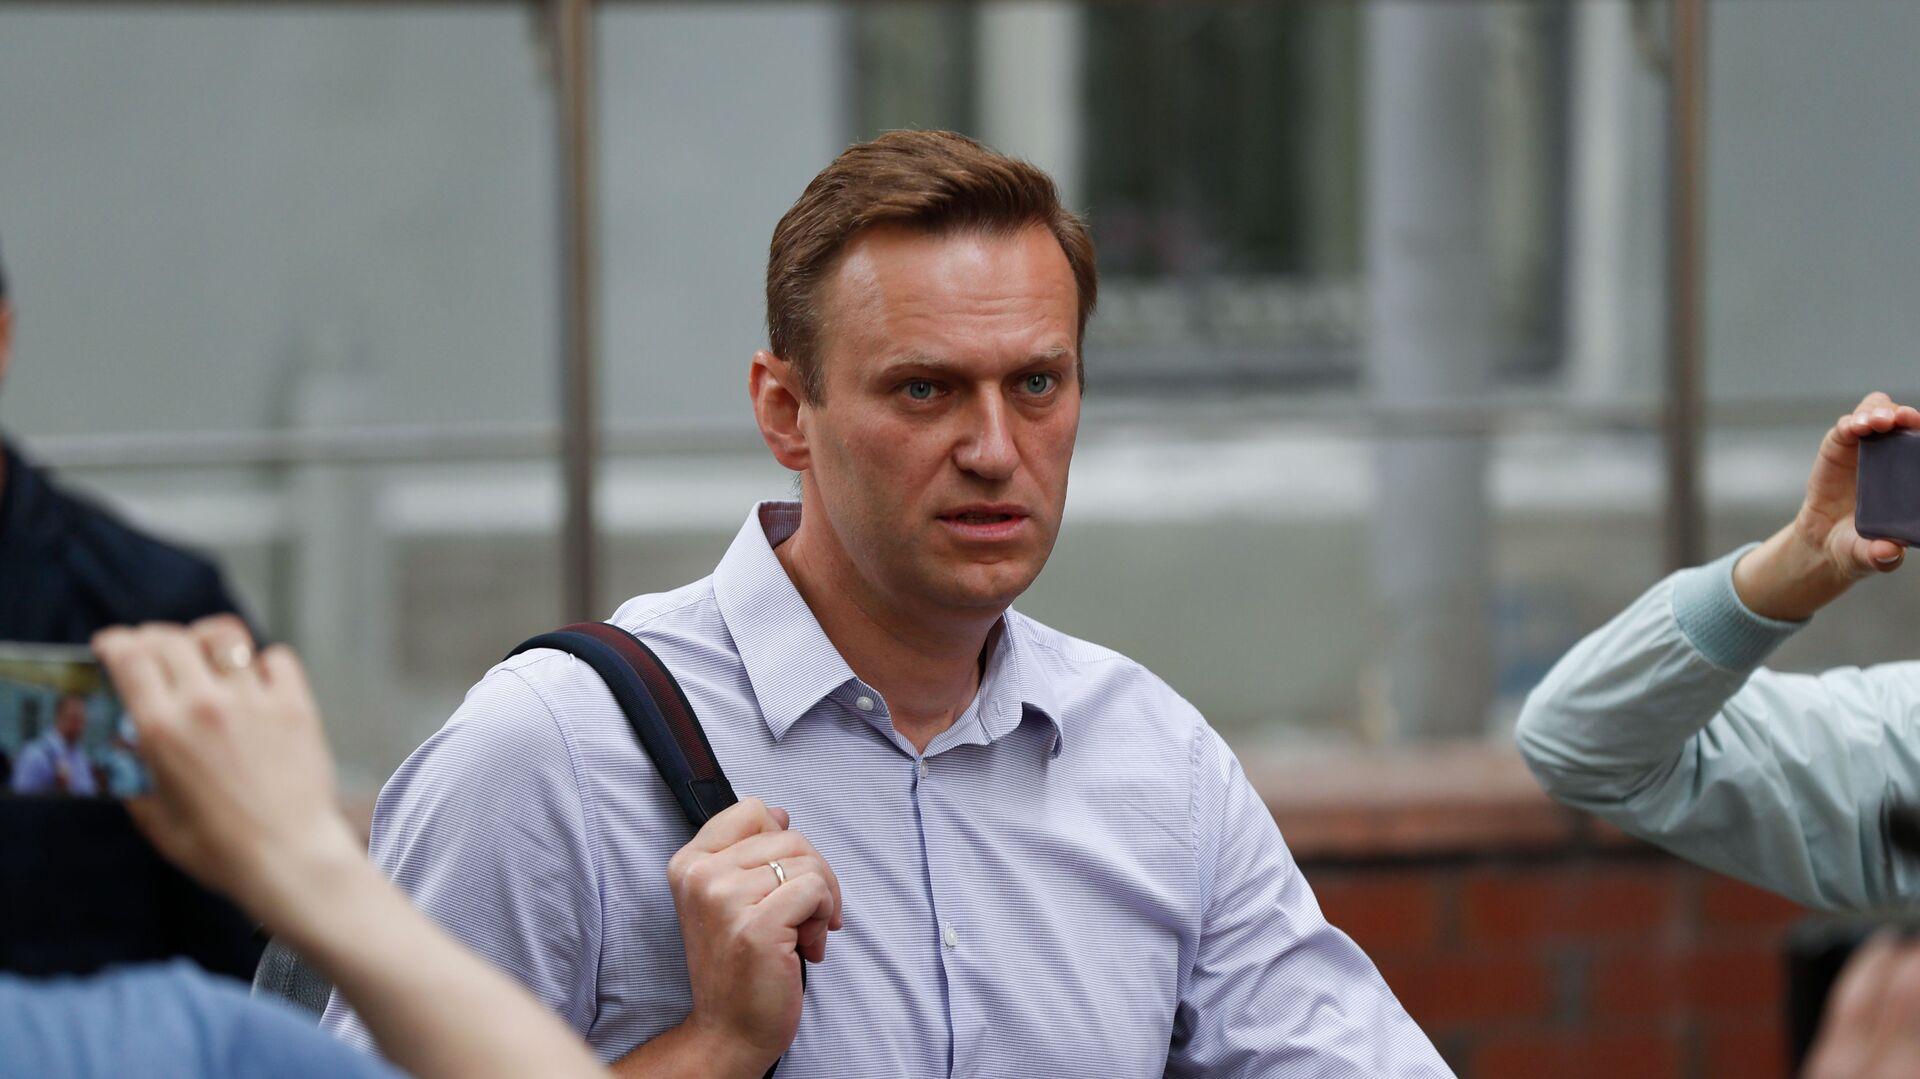 Bloger Alexej Navalnyj v Moskvě - Sputnik Česká republika, 1920, 09.02.2021